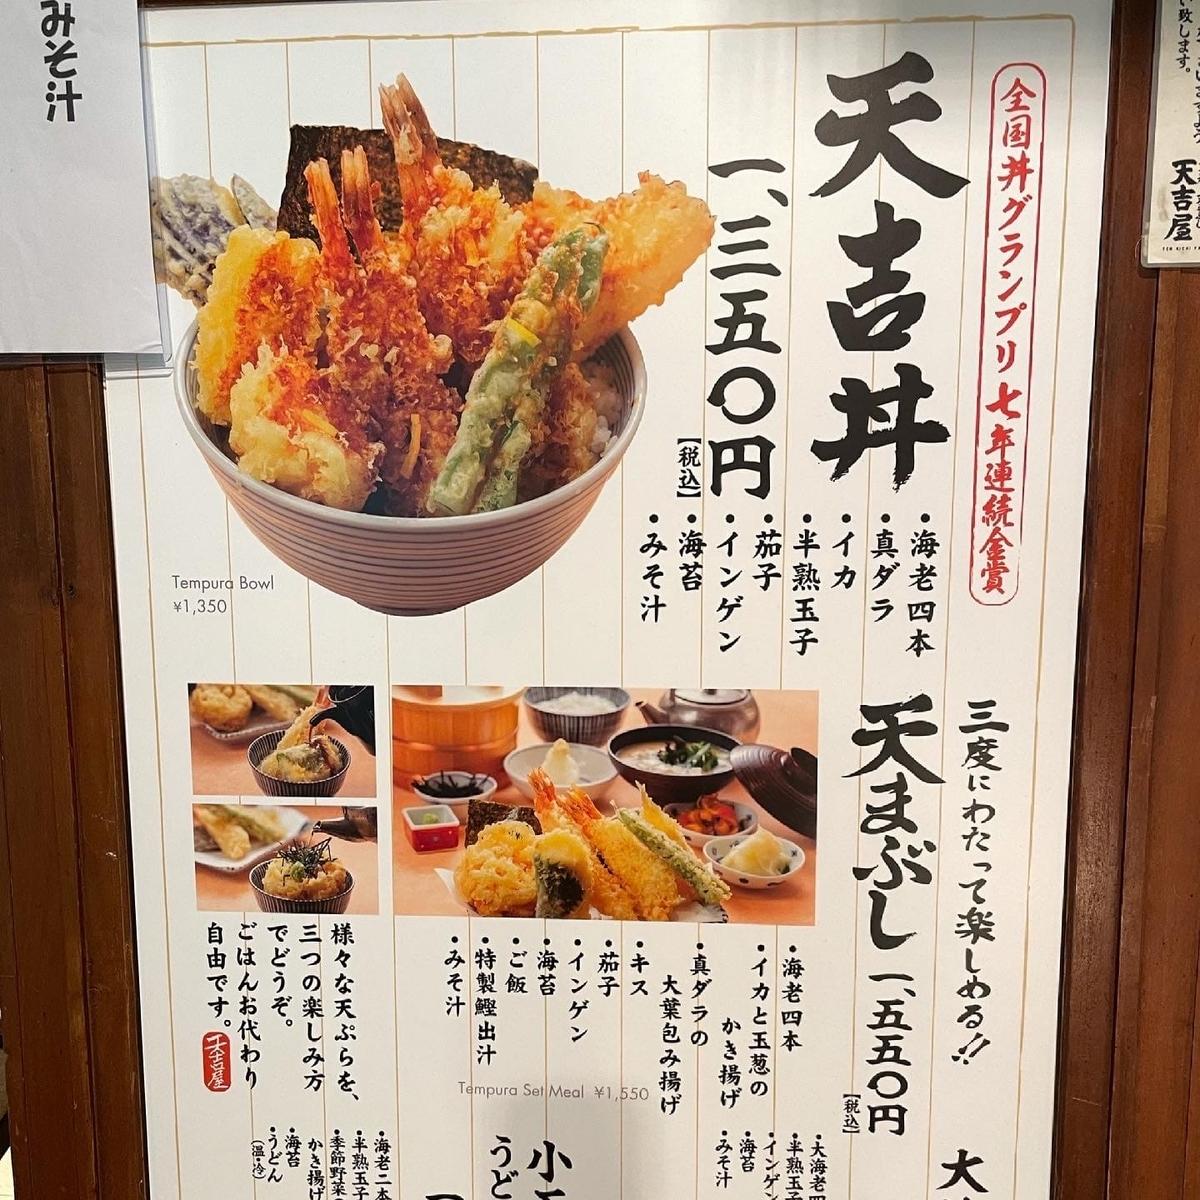 【西新宿・新宿野村ビル】「天吉屋 新宿店」